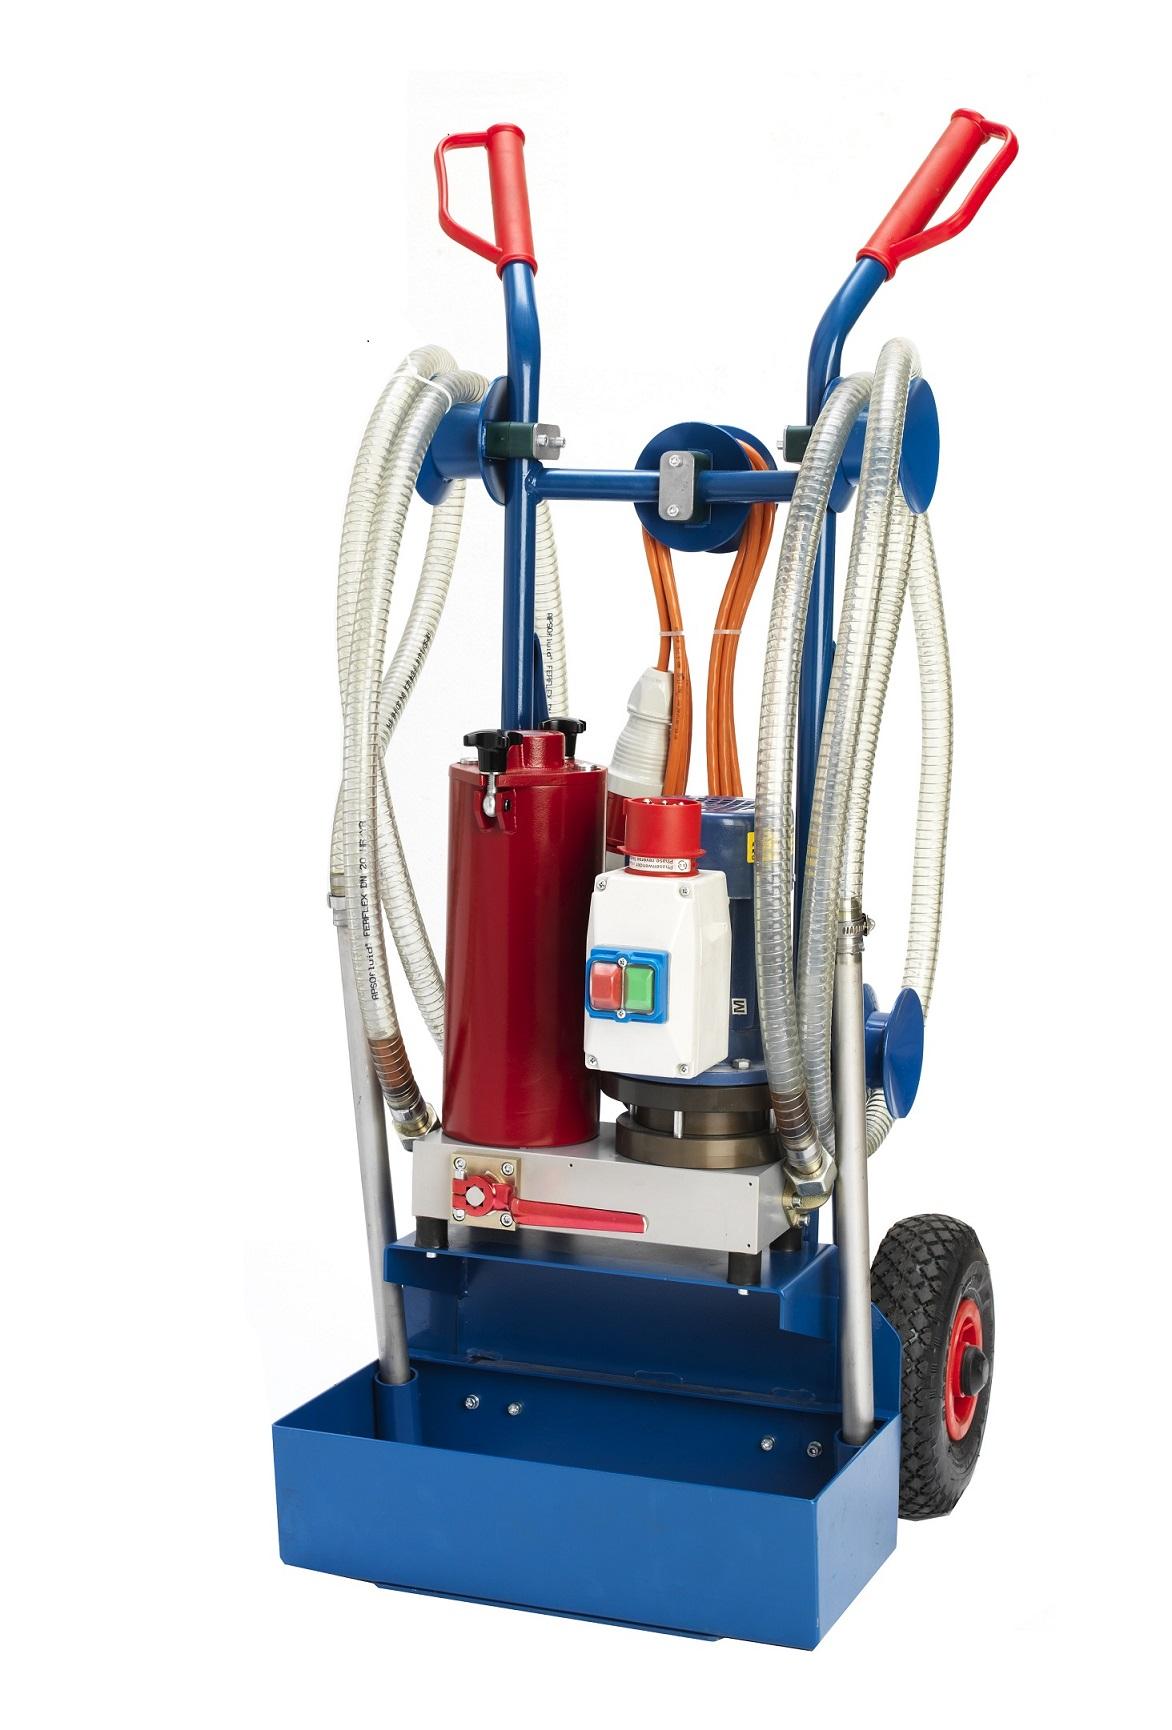 Pumpe: Pumpentyp: Gerotor-Pumpe Pumpenförderungsleistung: 15 - 35 l/min Pumpendruck: max. 5 bar Filt...